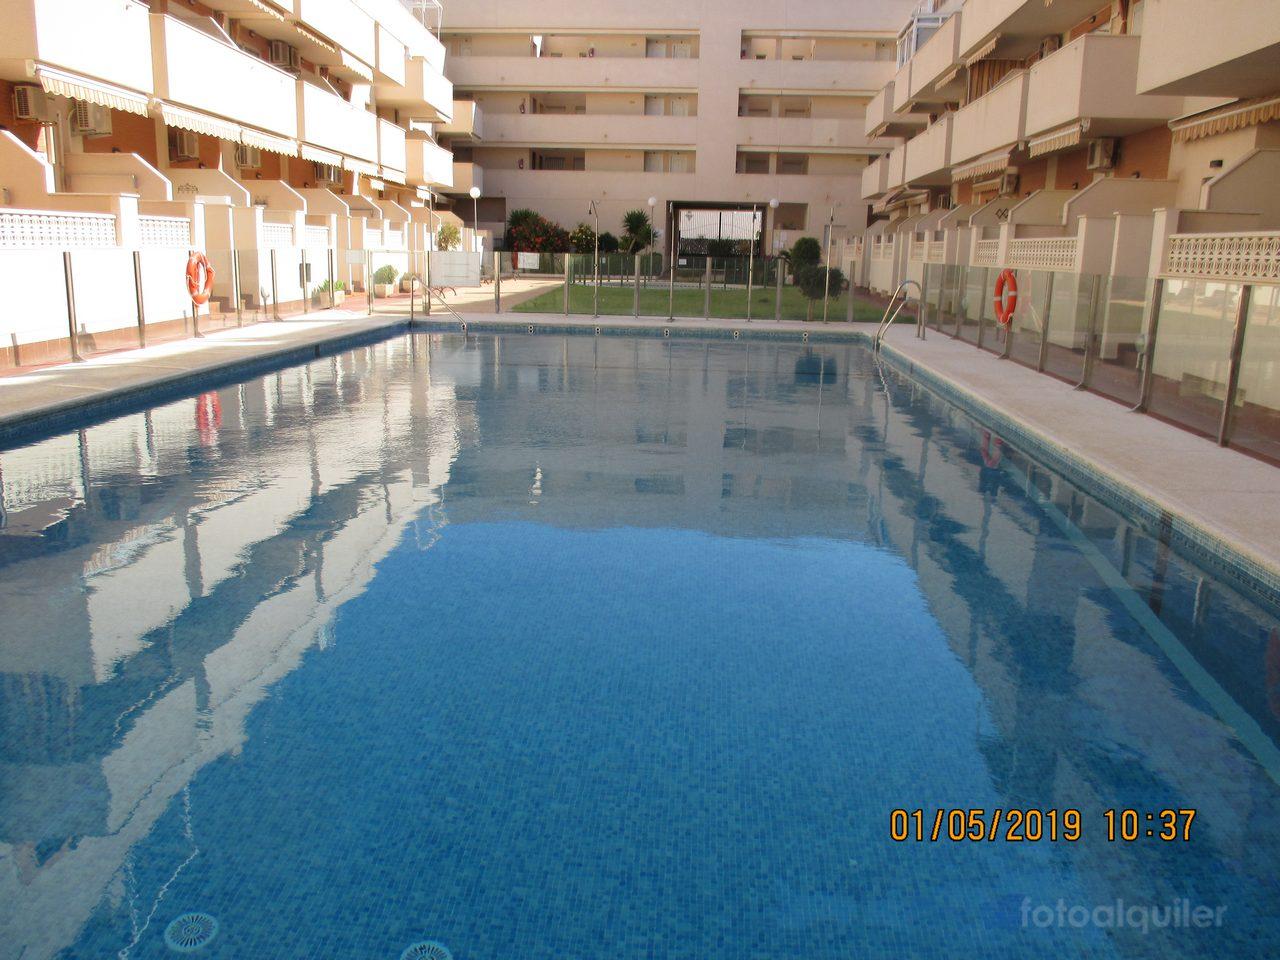 Alquiler apartamento un dormitorio en Roquetas de Mar, Residencial Buenavista